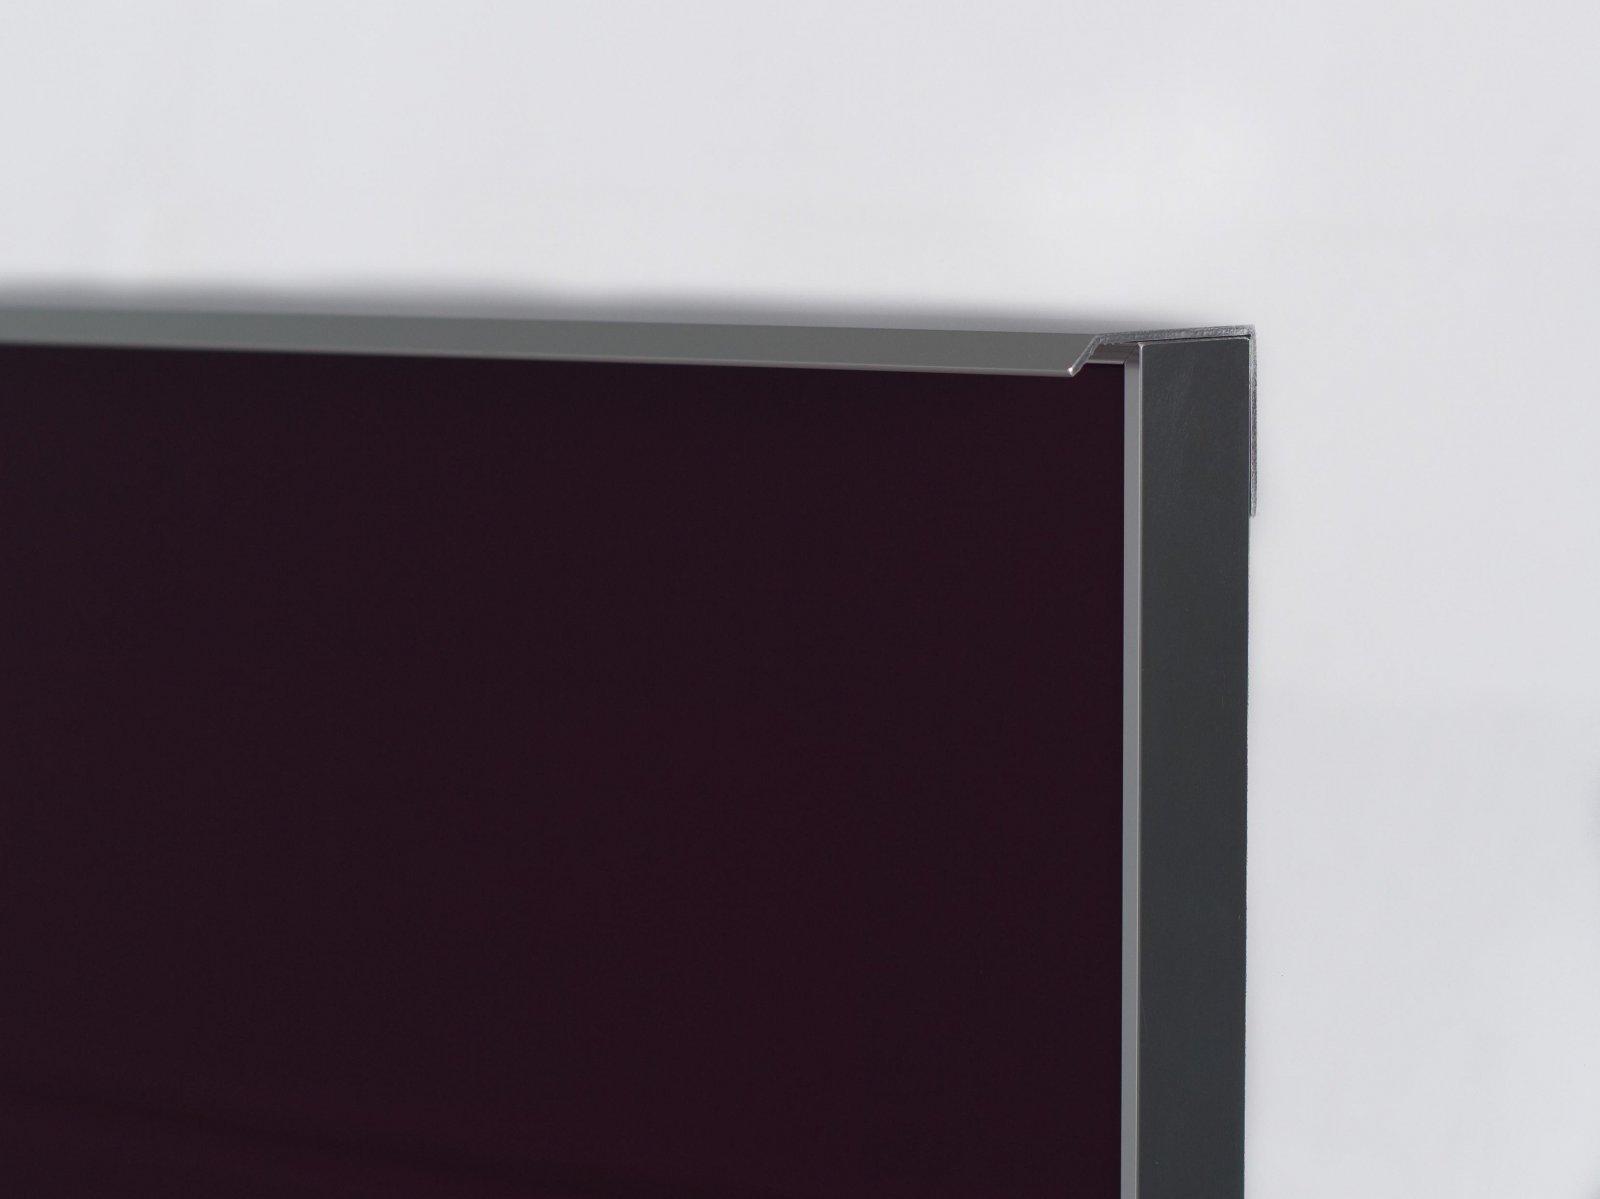 Porta-15 (Perfil V06 brilho + puxador L03 brilho + vidro lacado roxo)